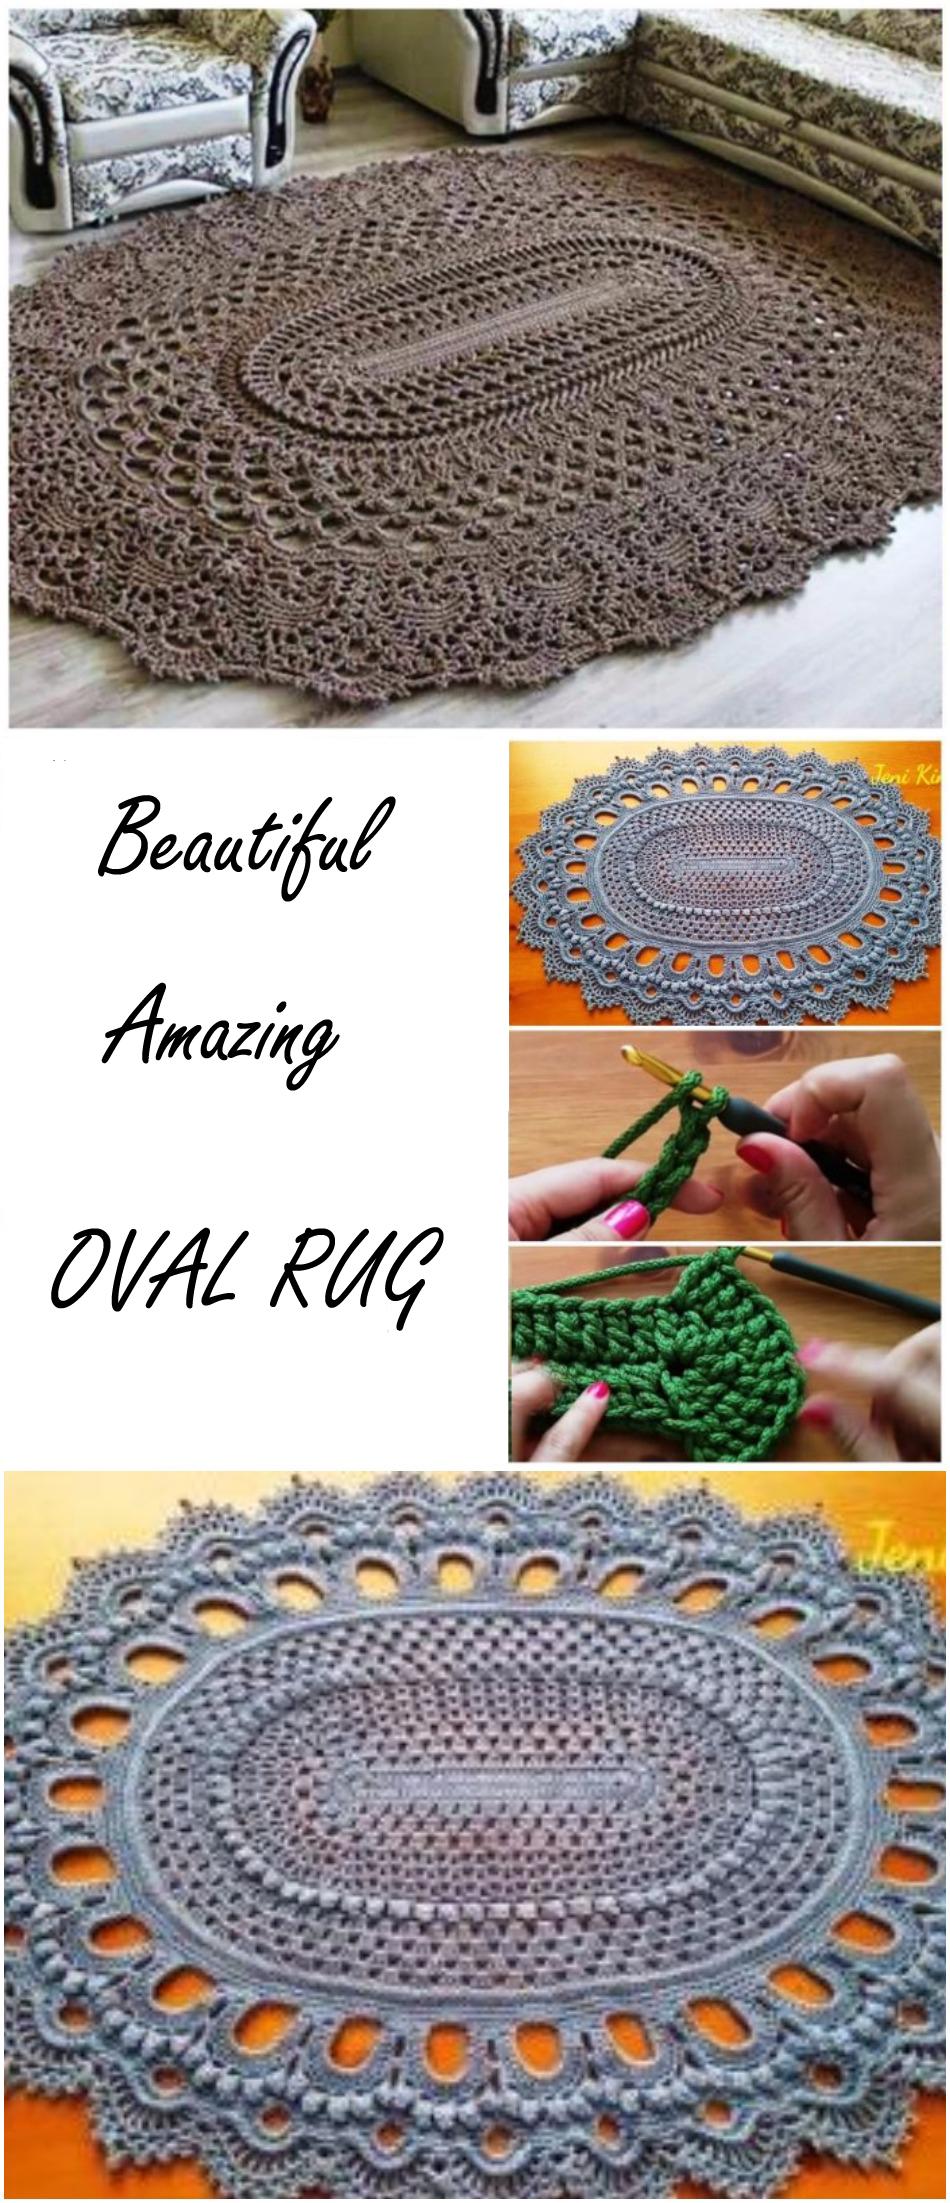 Amazing Oval Rug